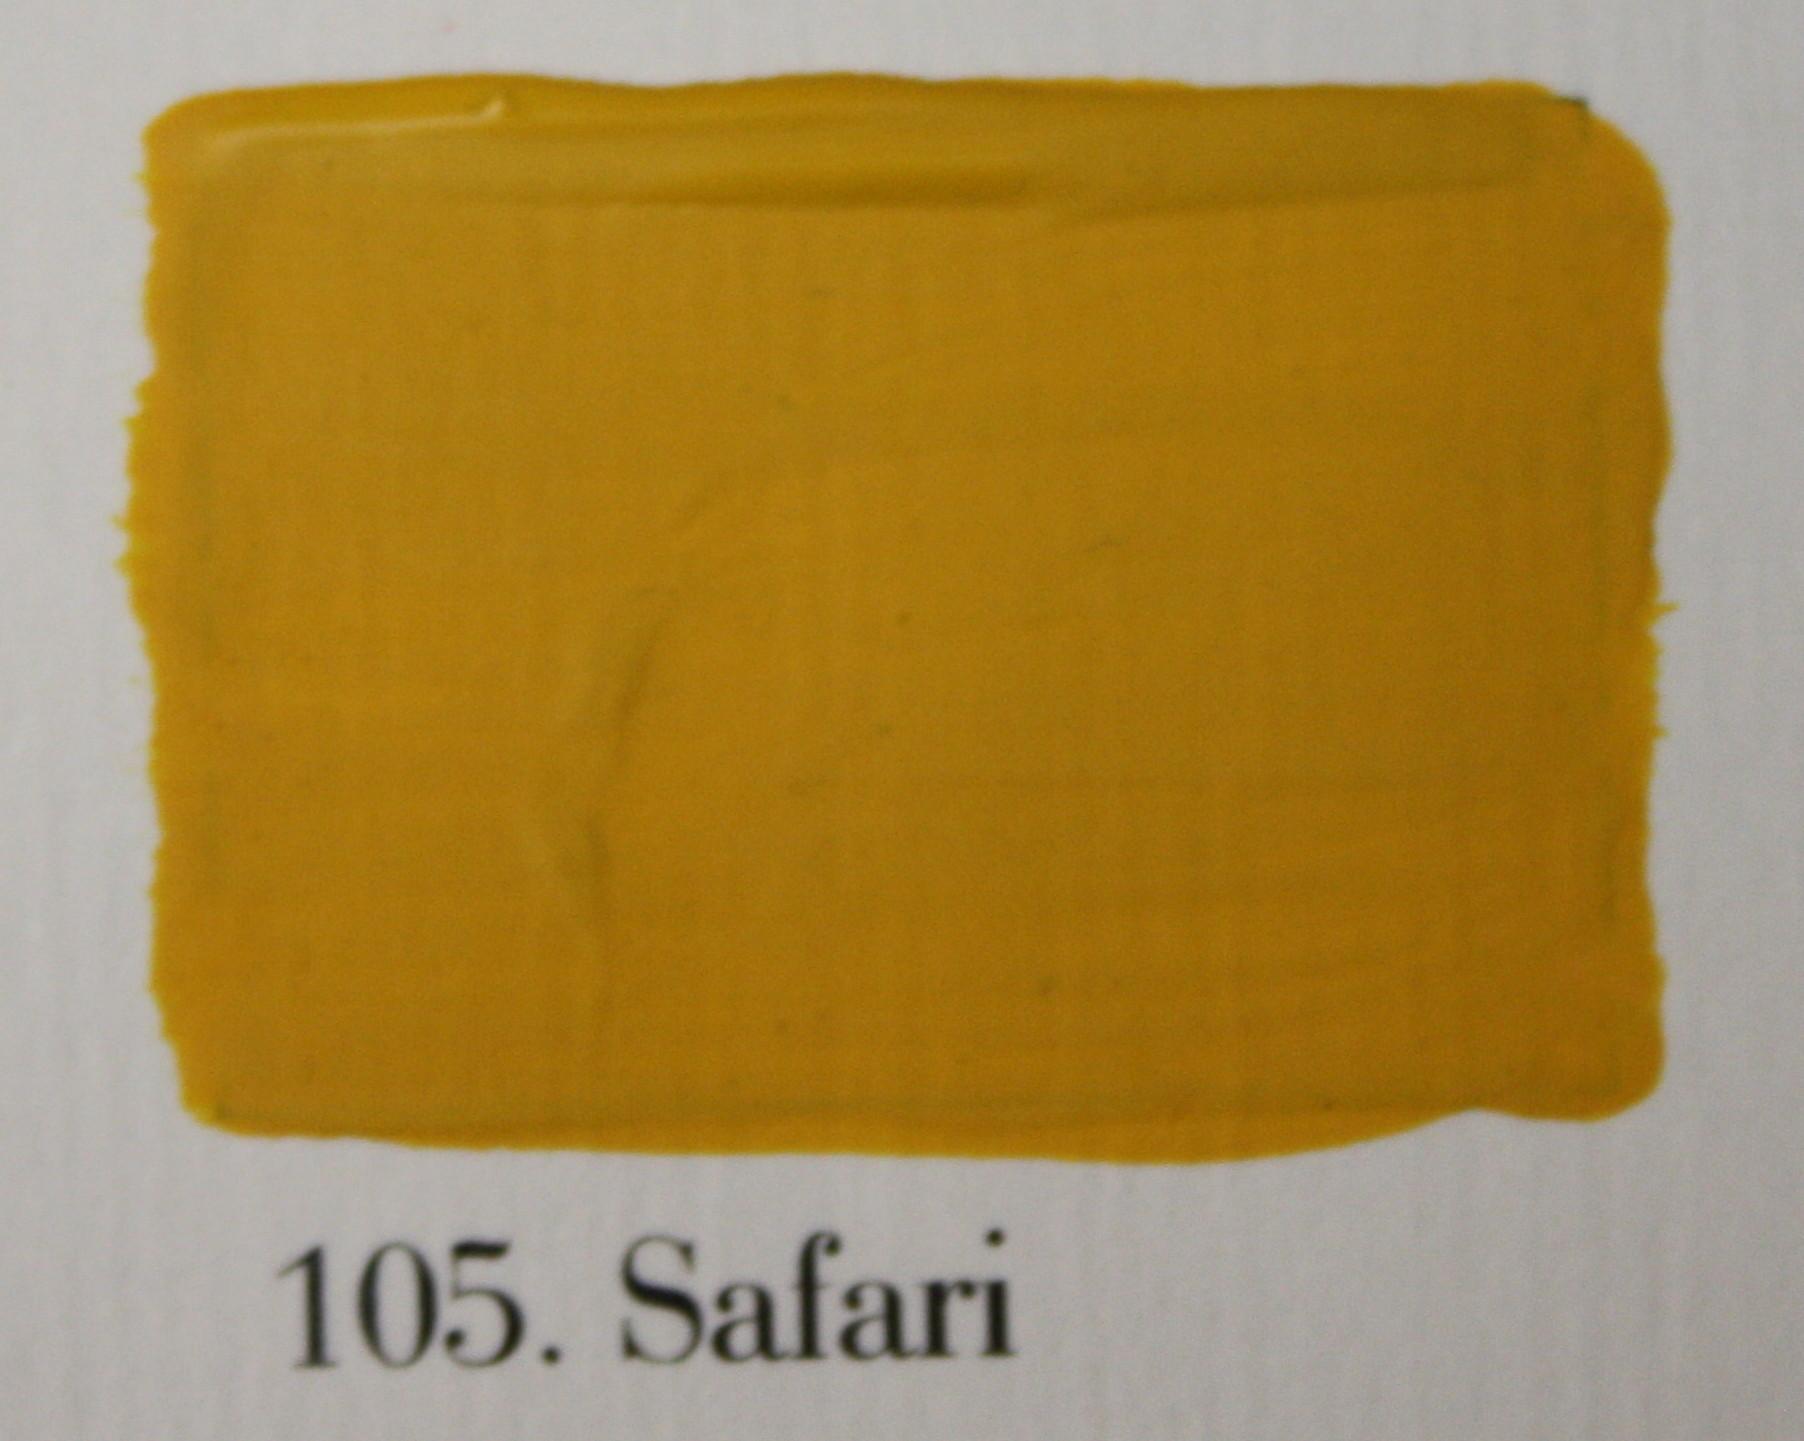 'l Authentique krijtverf 105. Safari